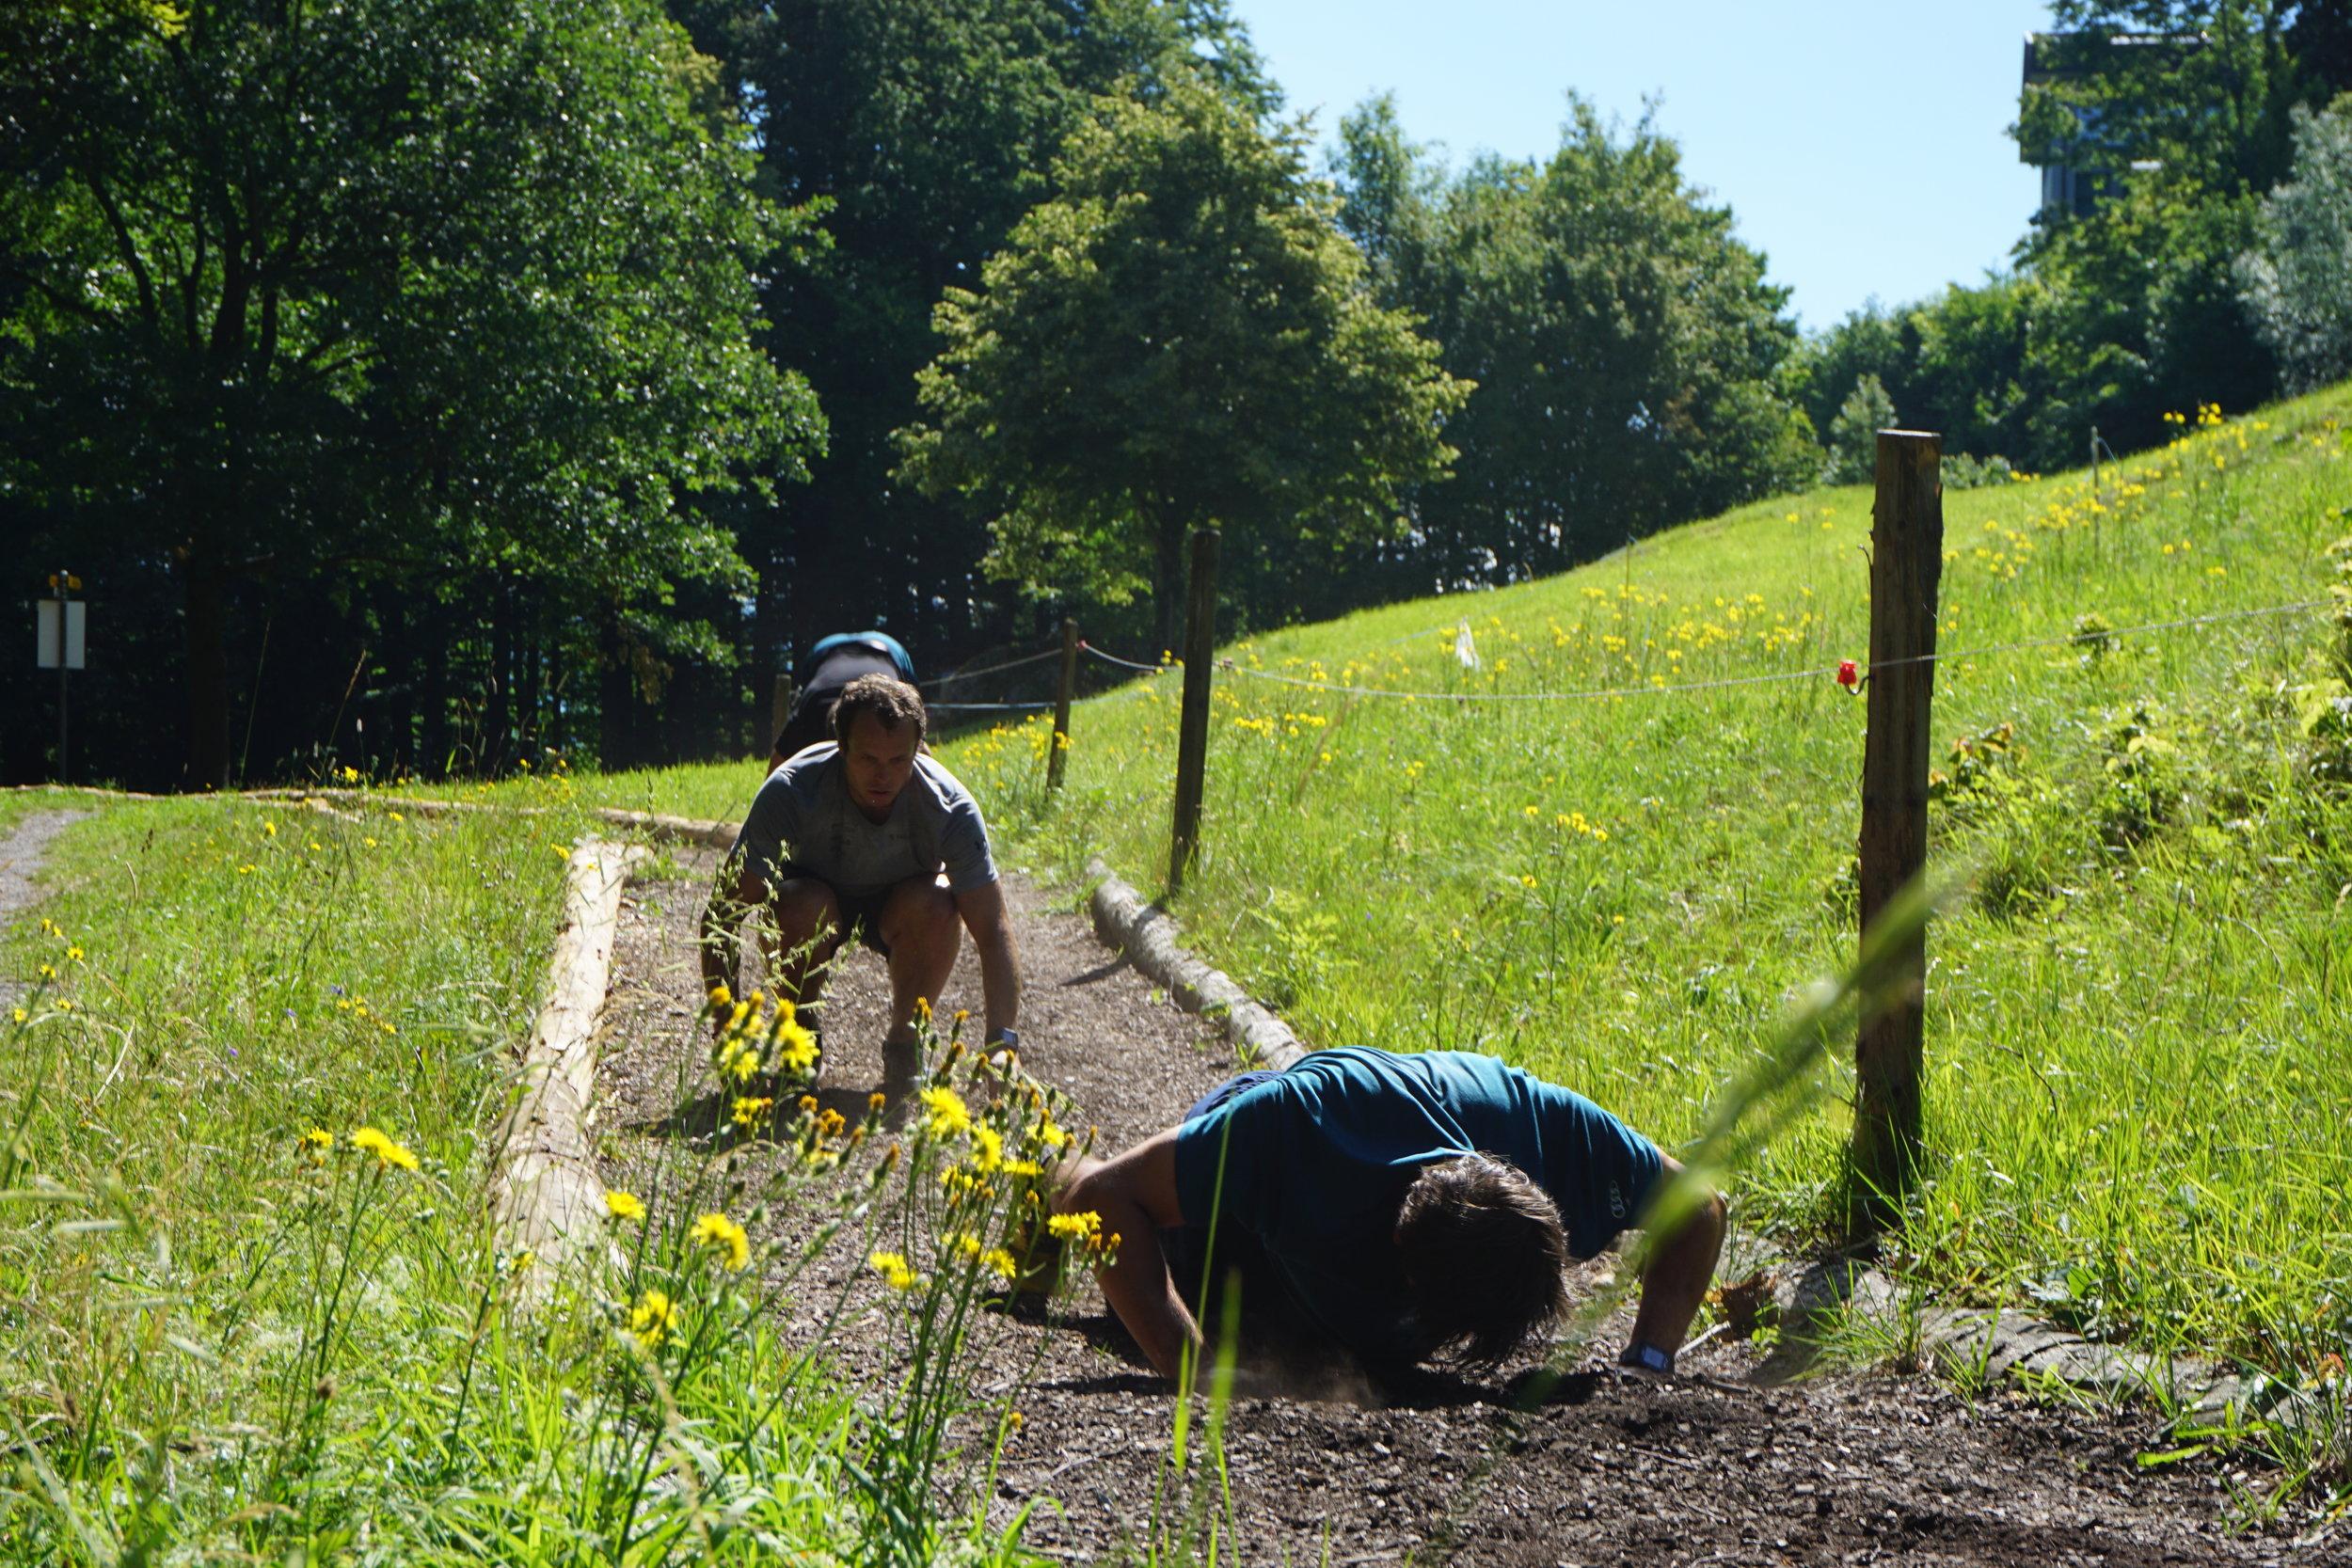 Intervalle waren unter anderem ein wichtiger Bestandteil des Sommertrainings.